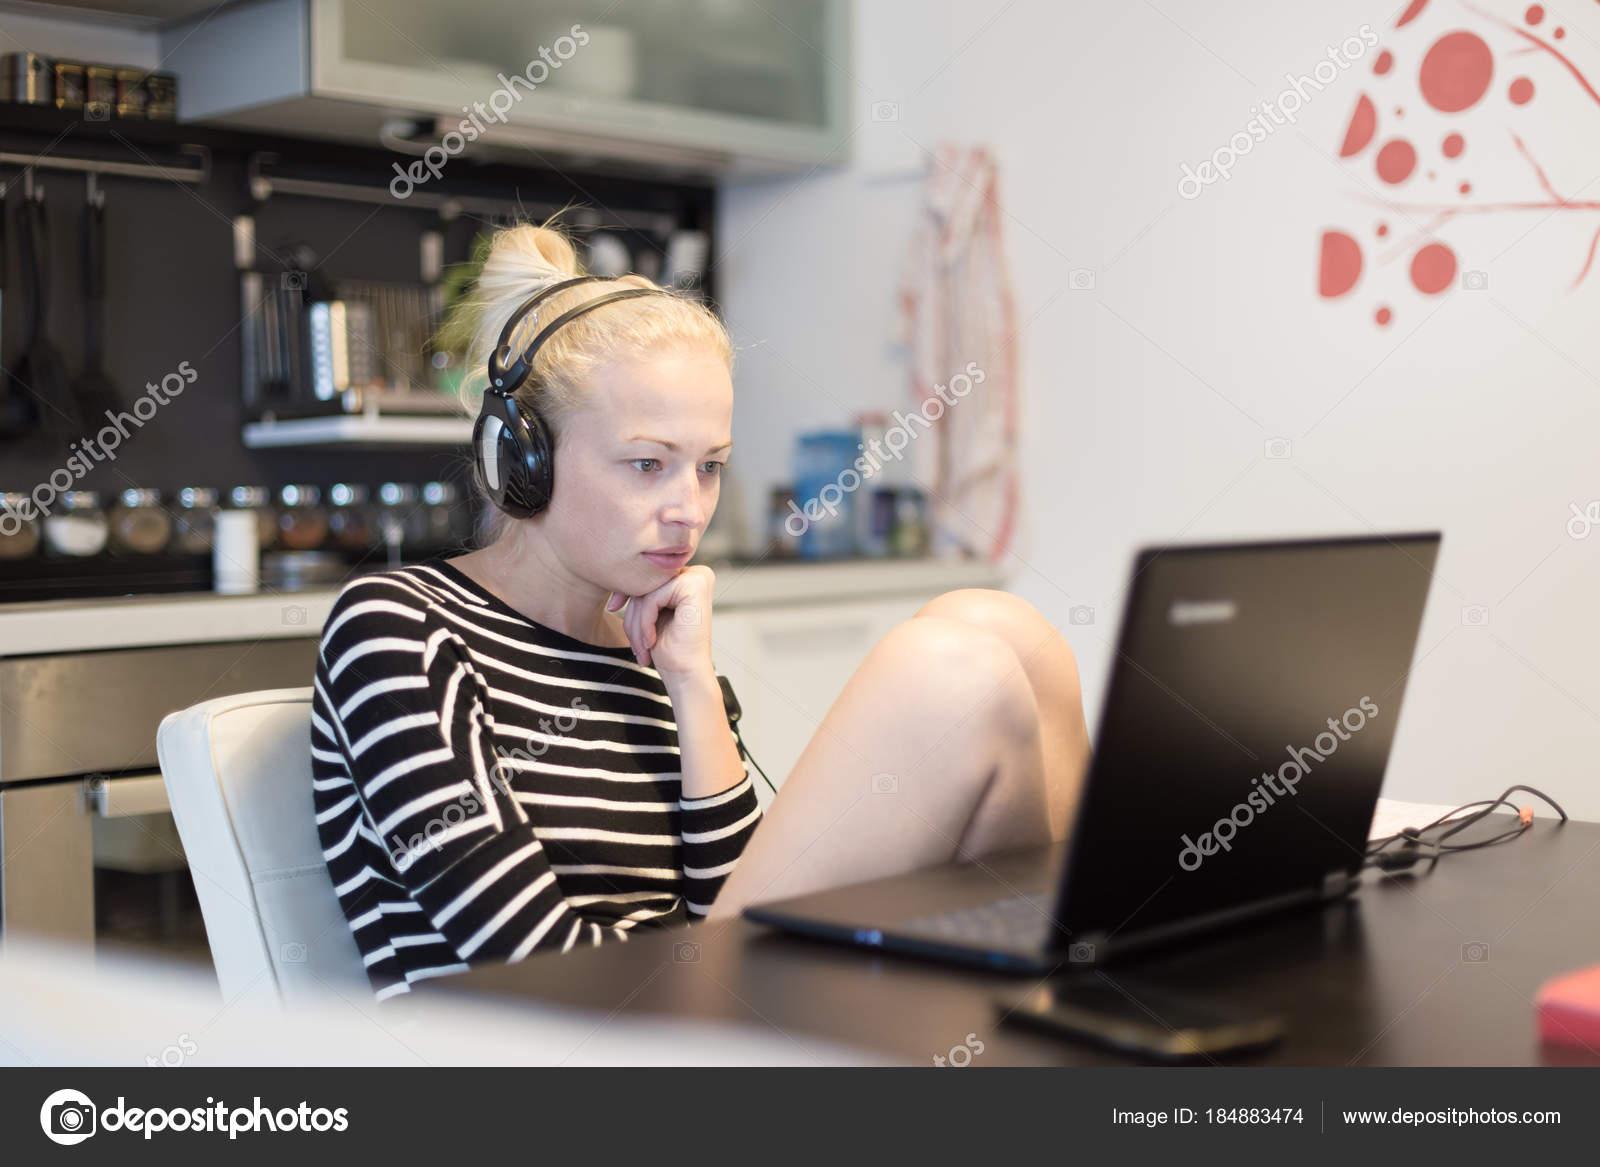 Erwachsenen Frau in ihrem Hause Freizeitkleidung arbeiten und ...